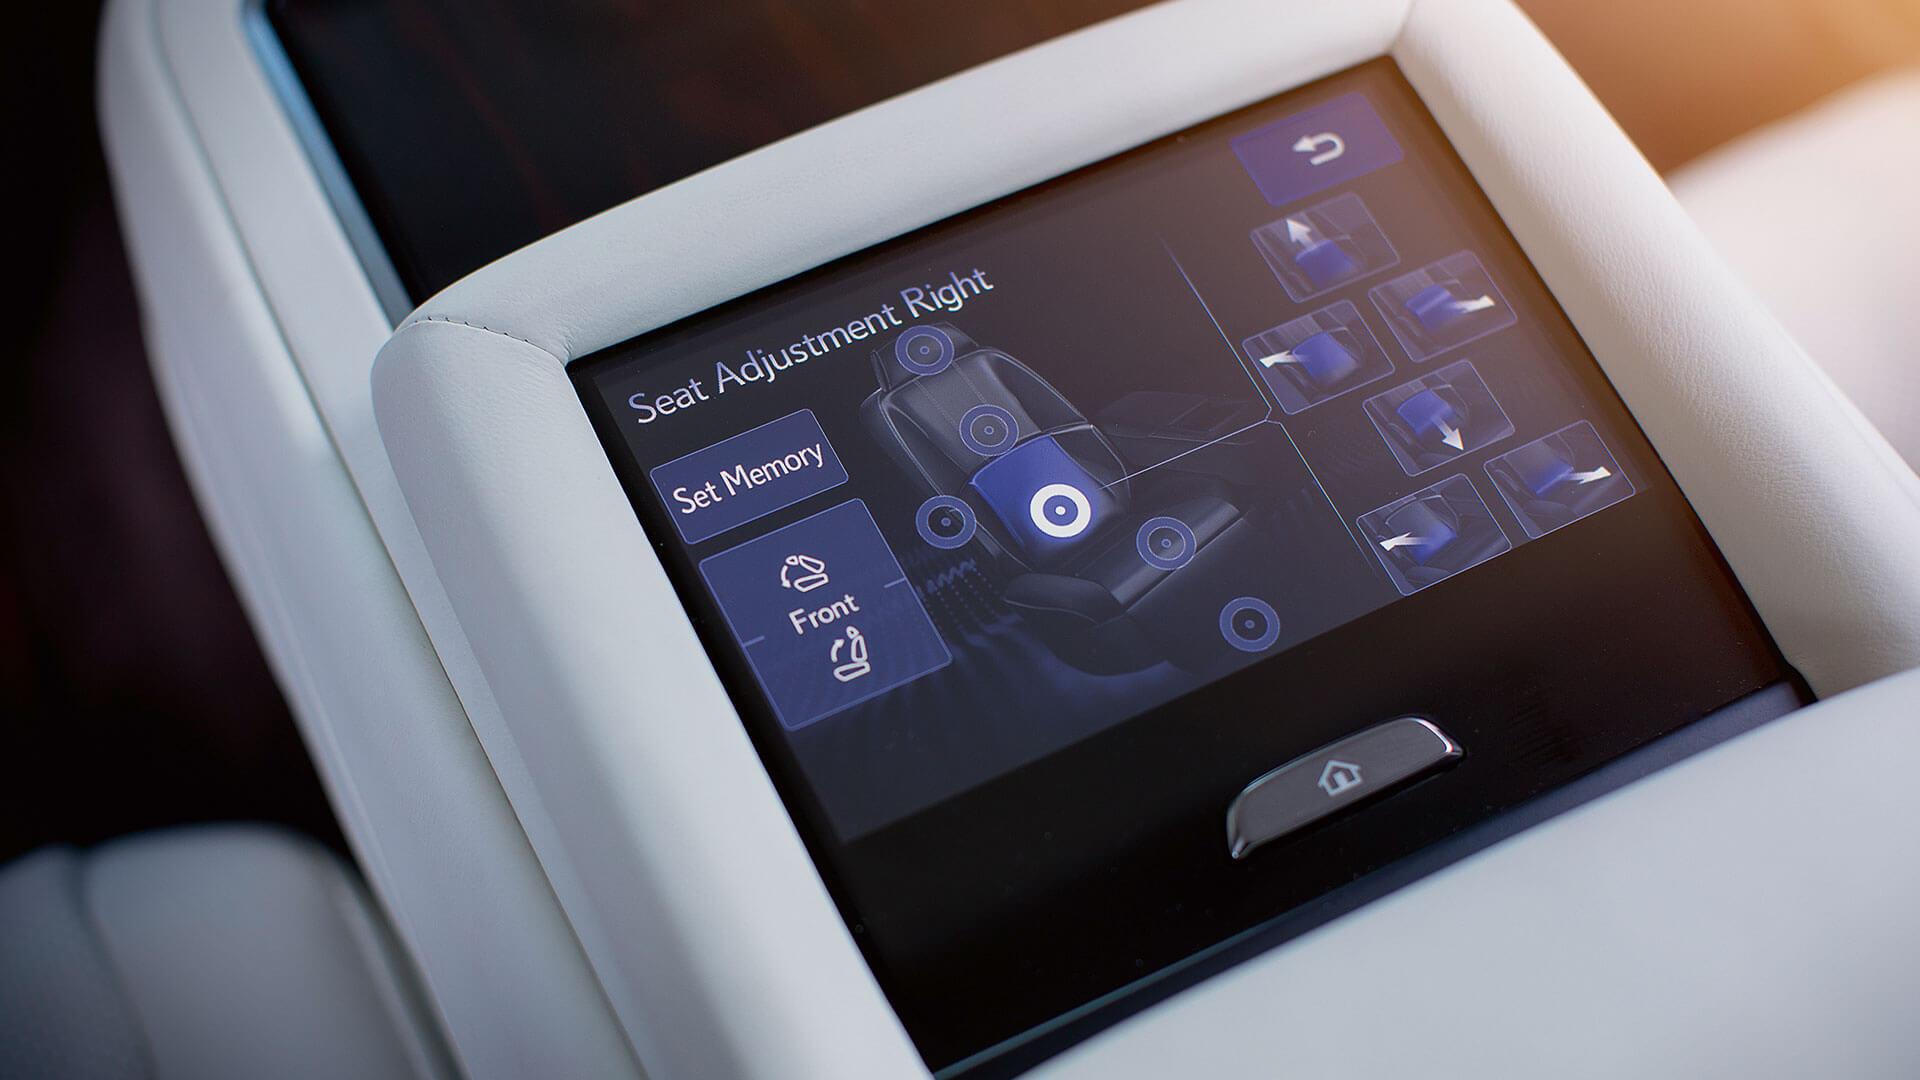 2018 lexus ls features rear seat adjustment ottoman massage